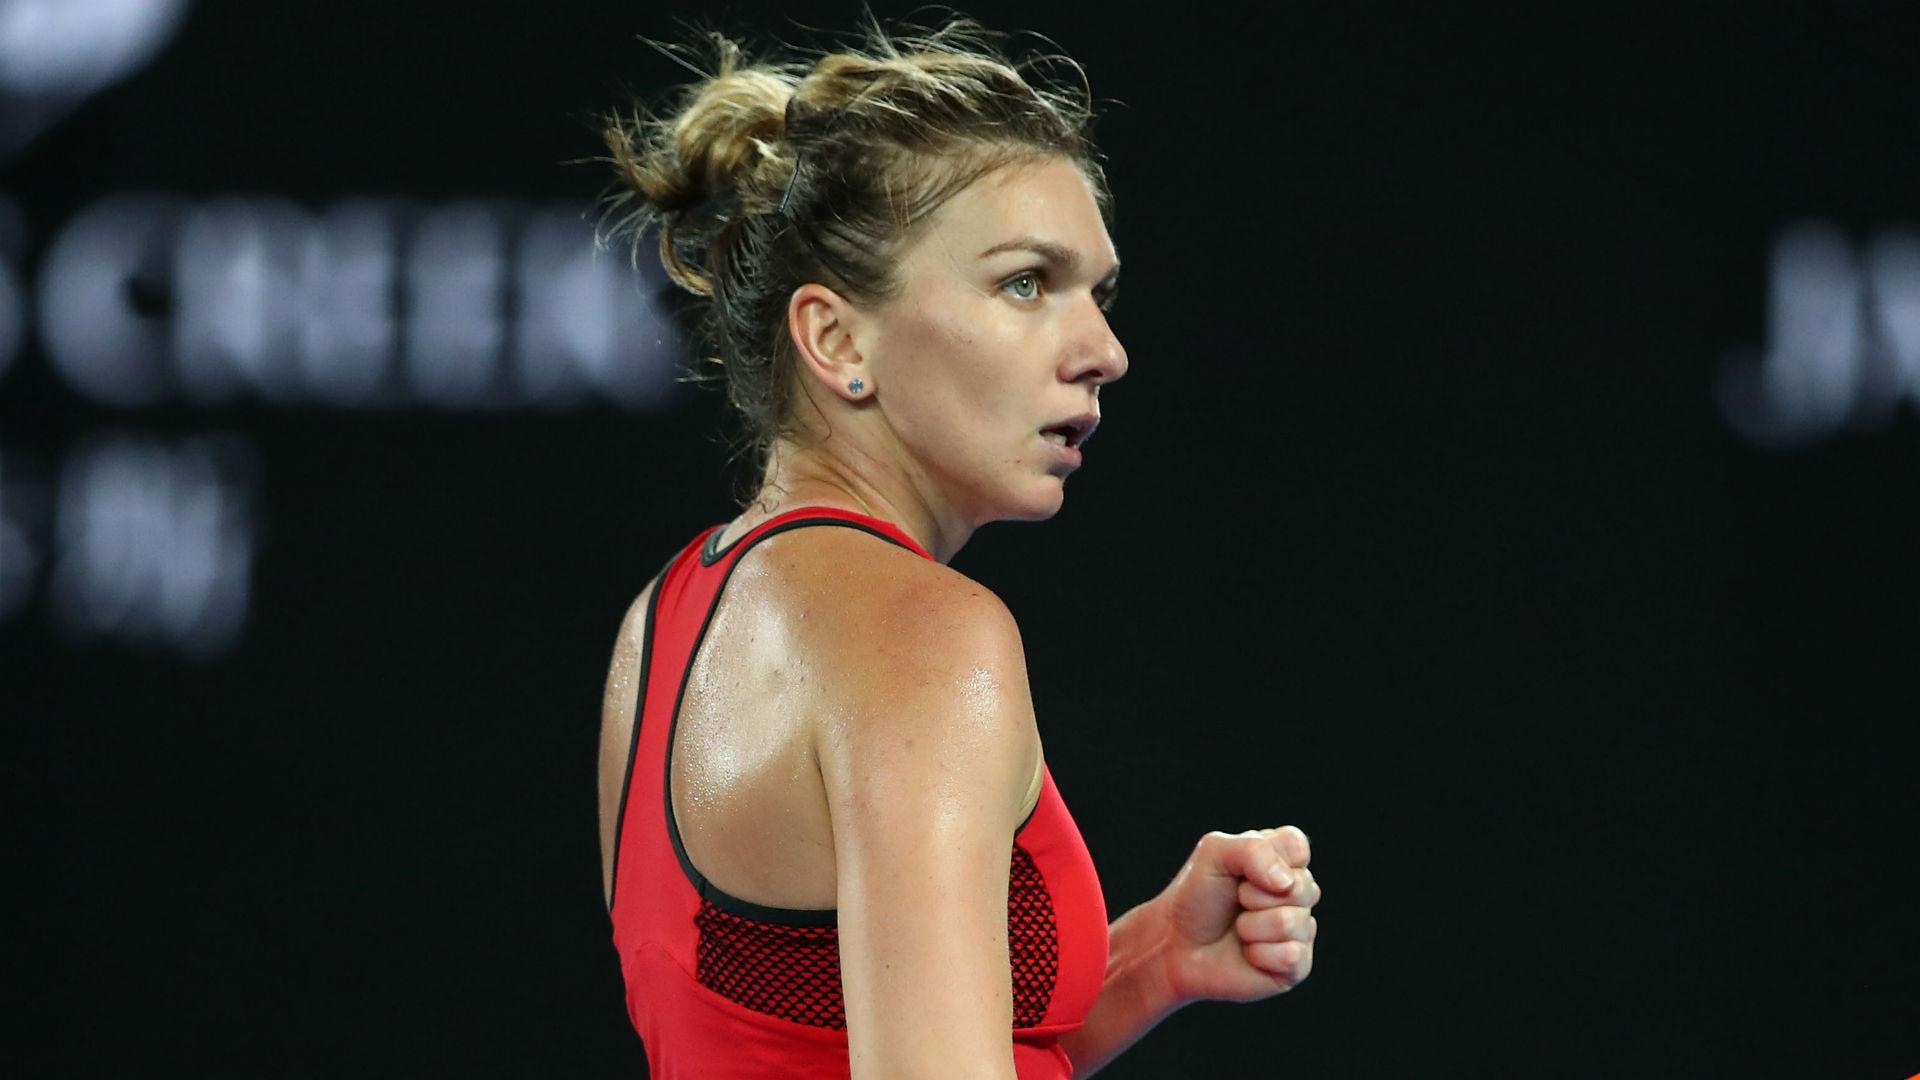 Qatar Open: Caroline Wozniacki, Simona Halep ease into third round